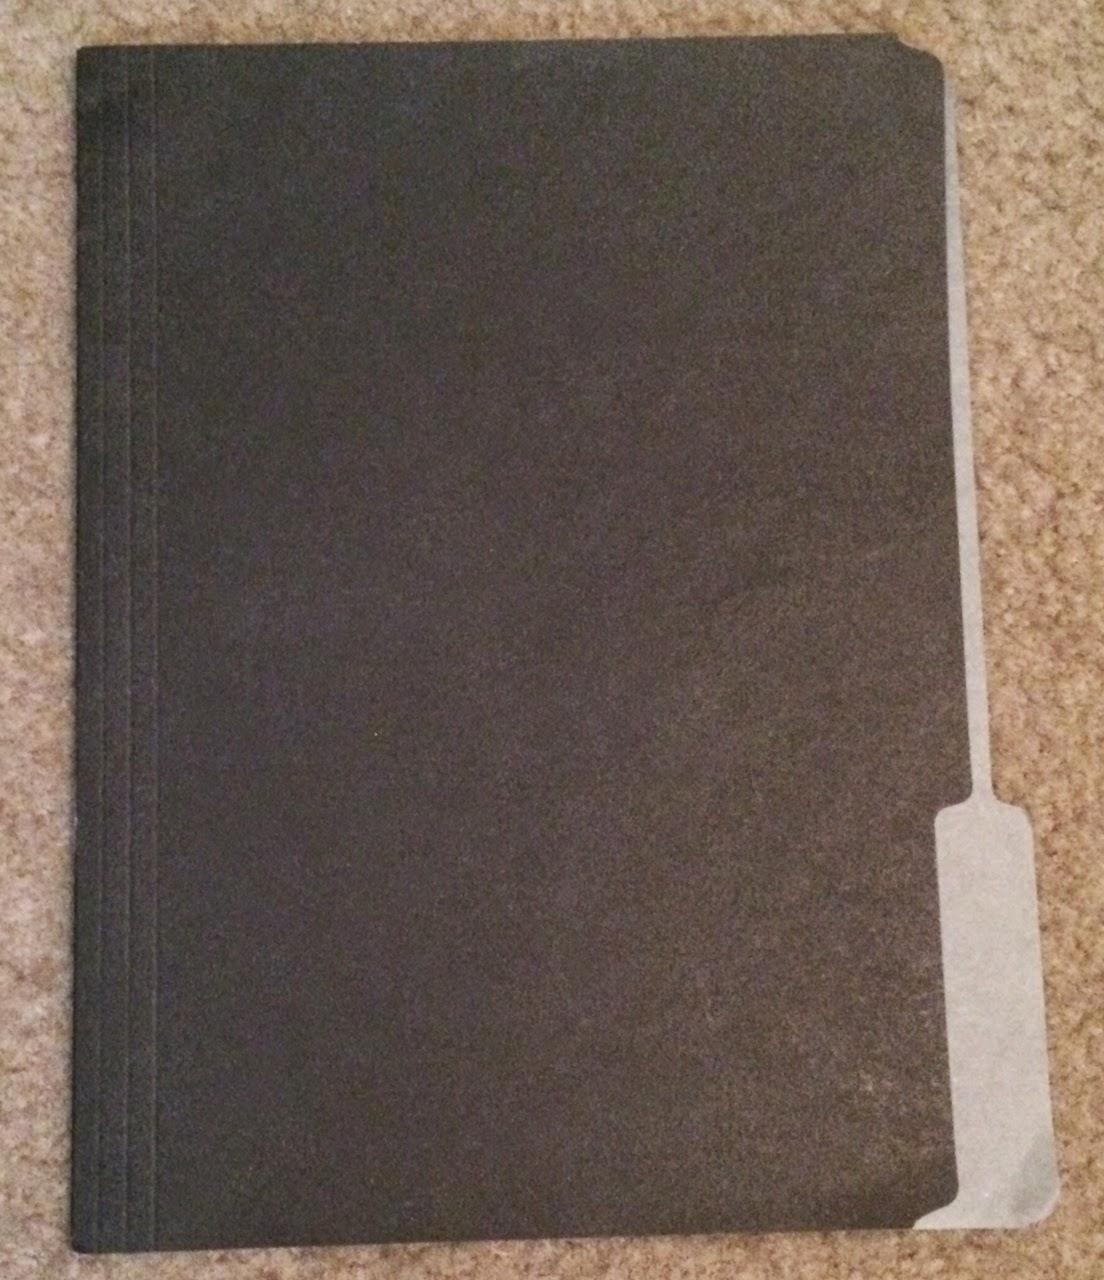 regular black folder